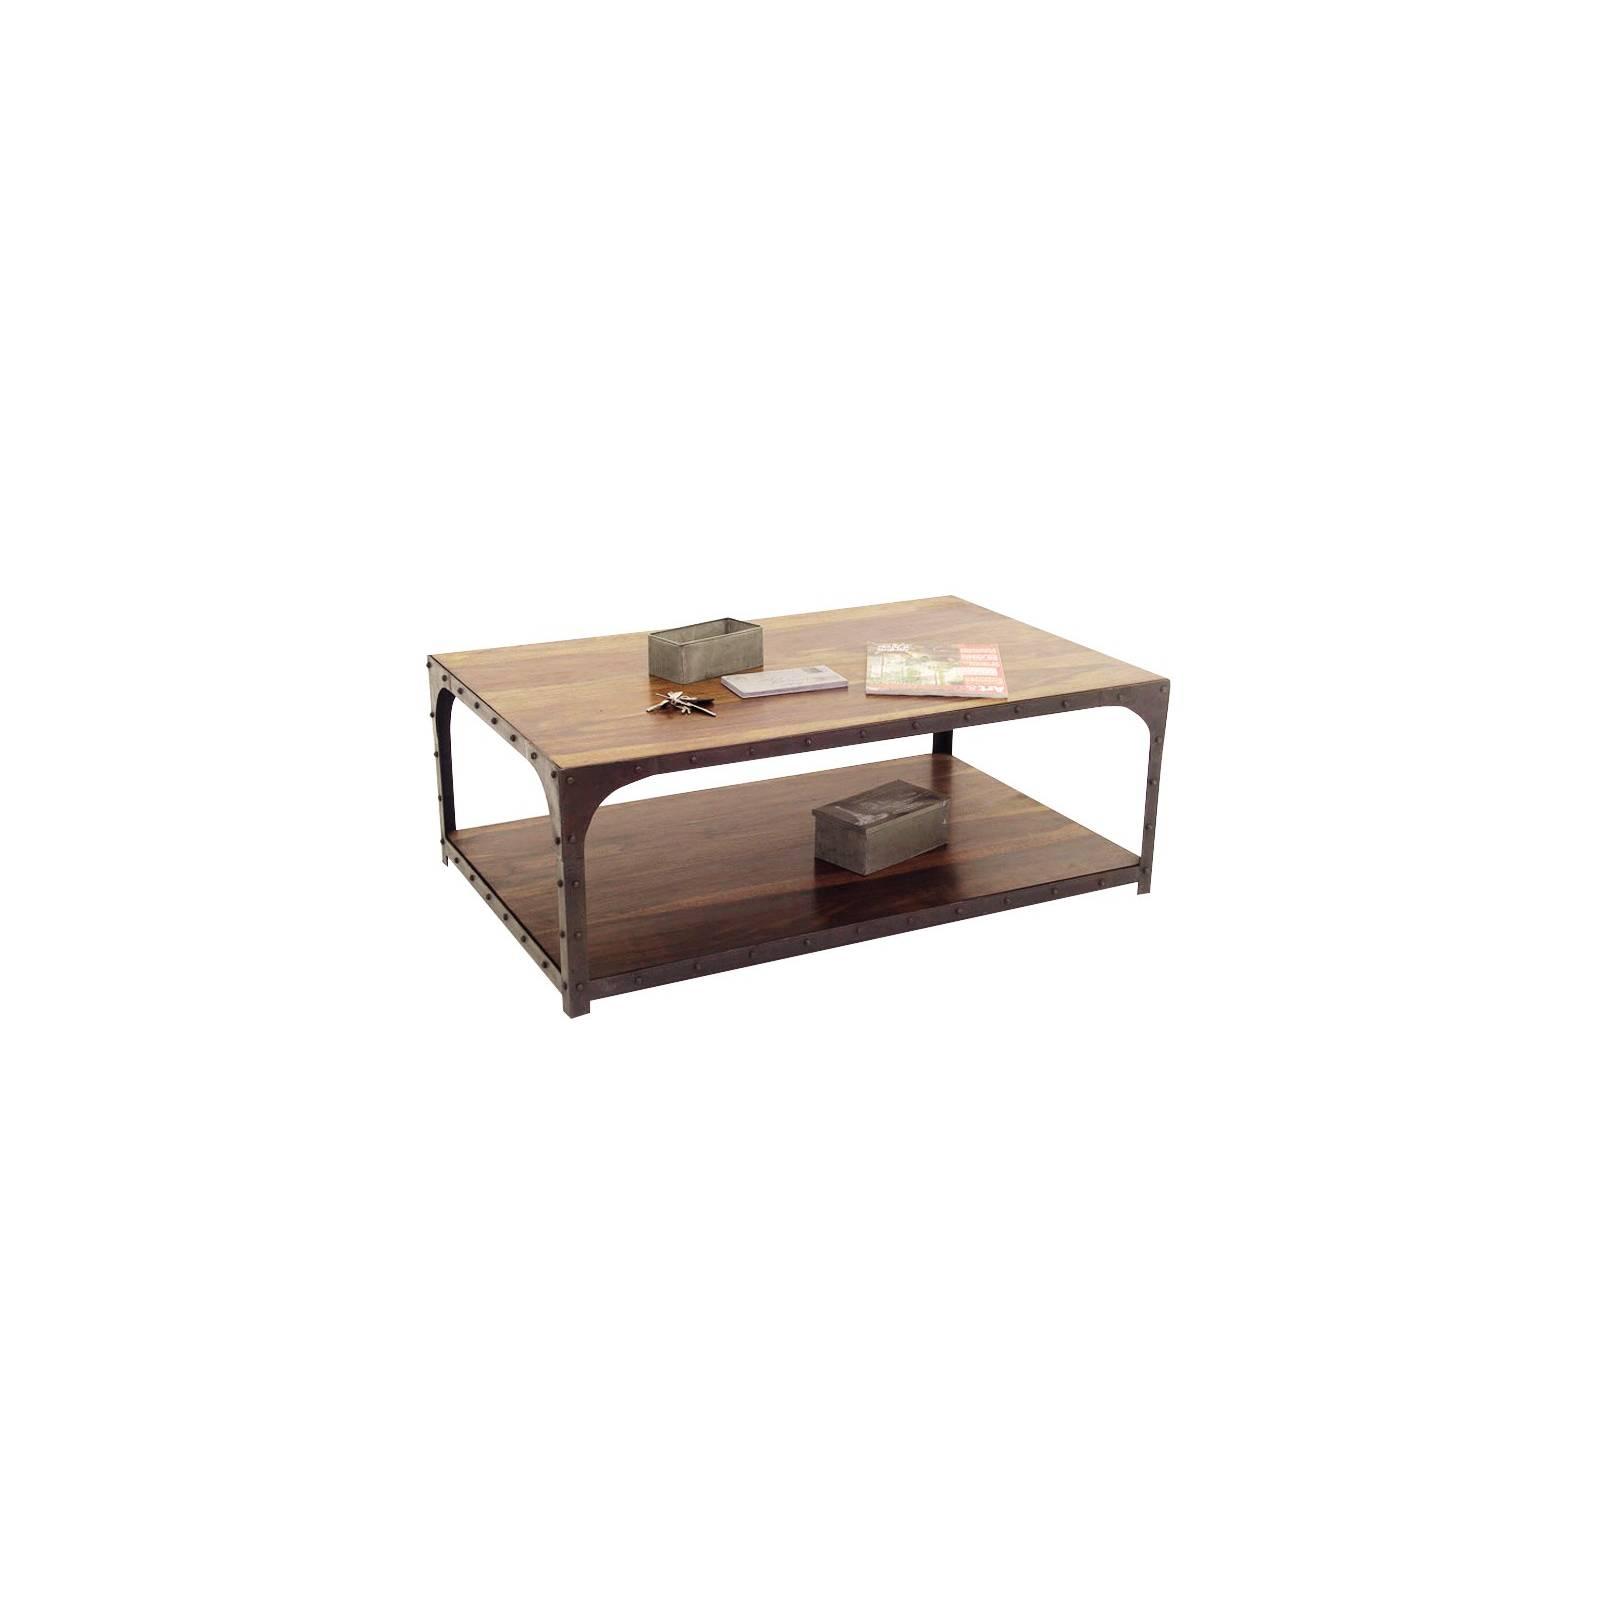 Table Basse Rectangulaire Loft Fer forgé et Palissandre - meuble style industriel